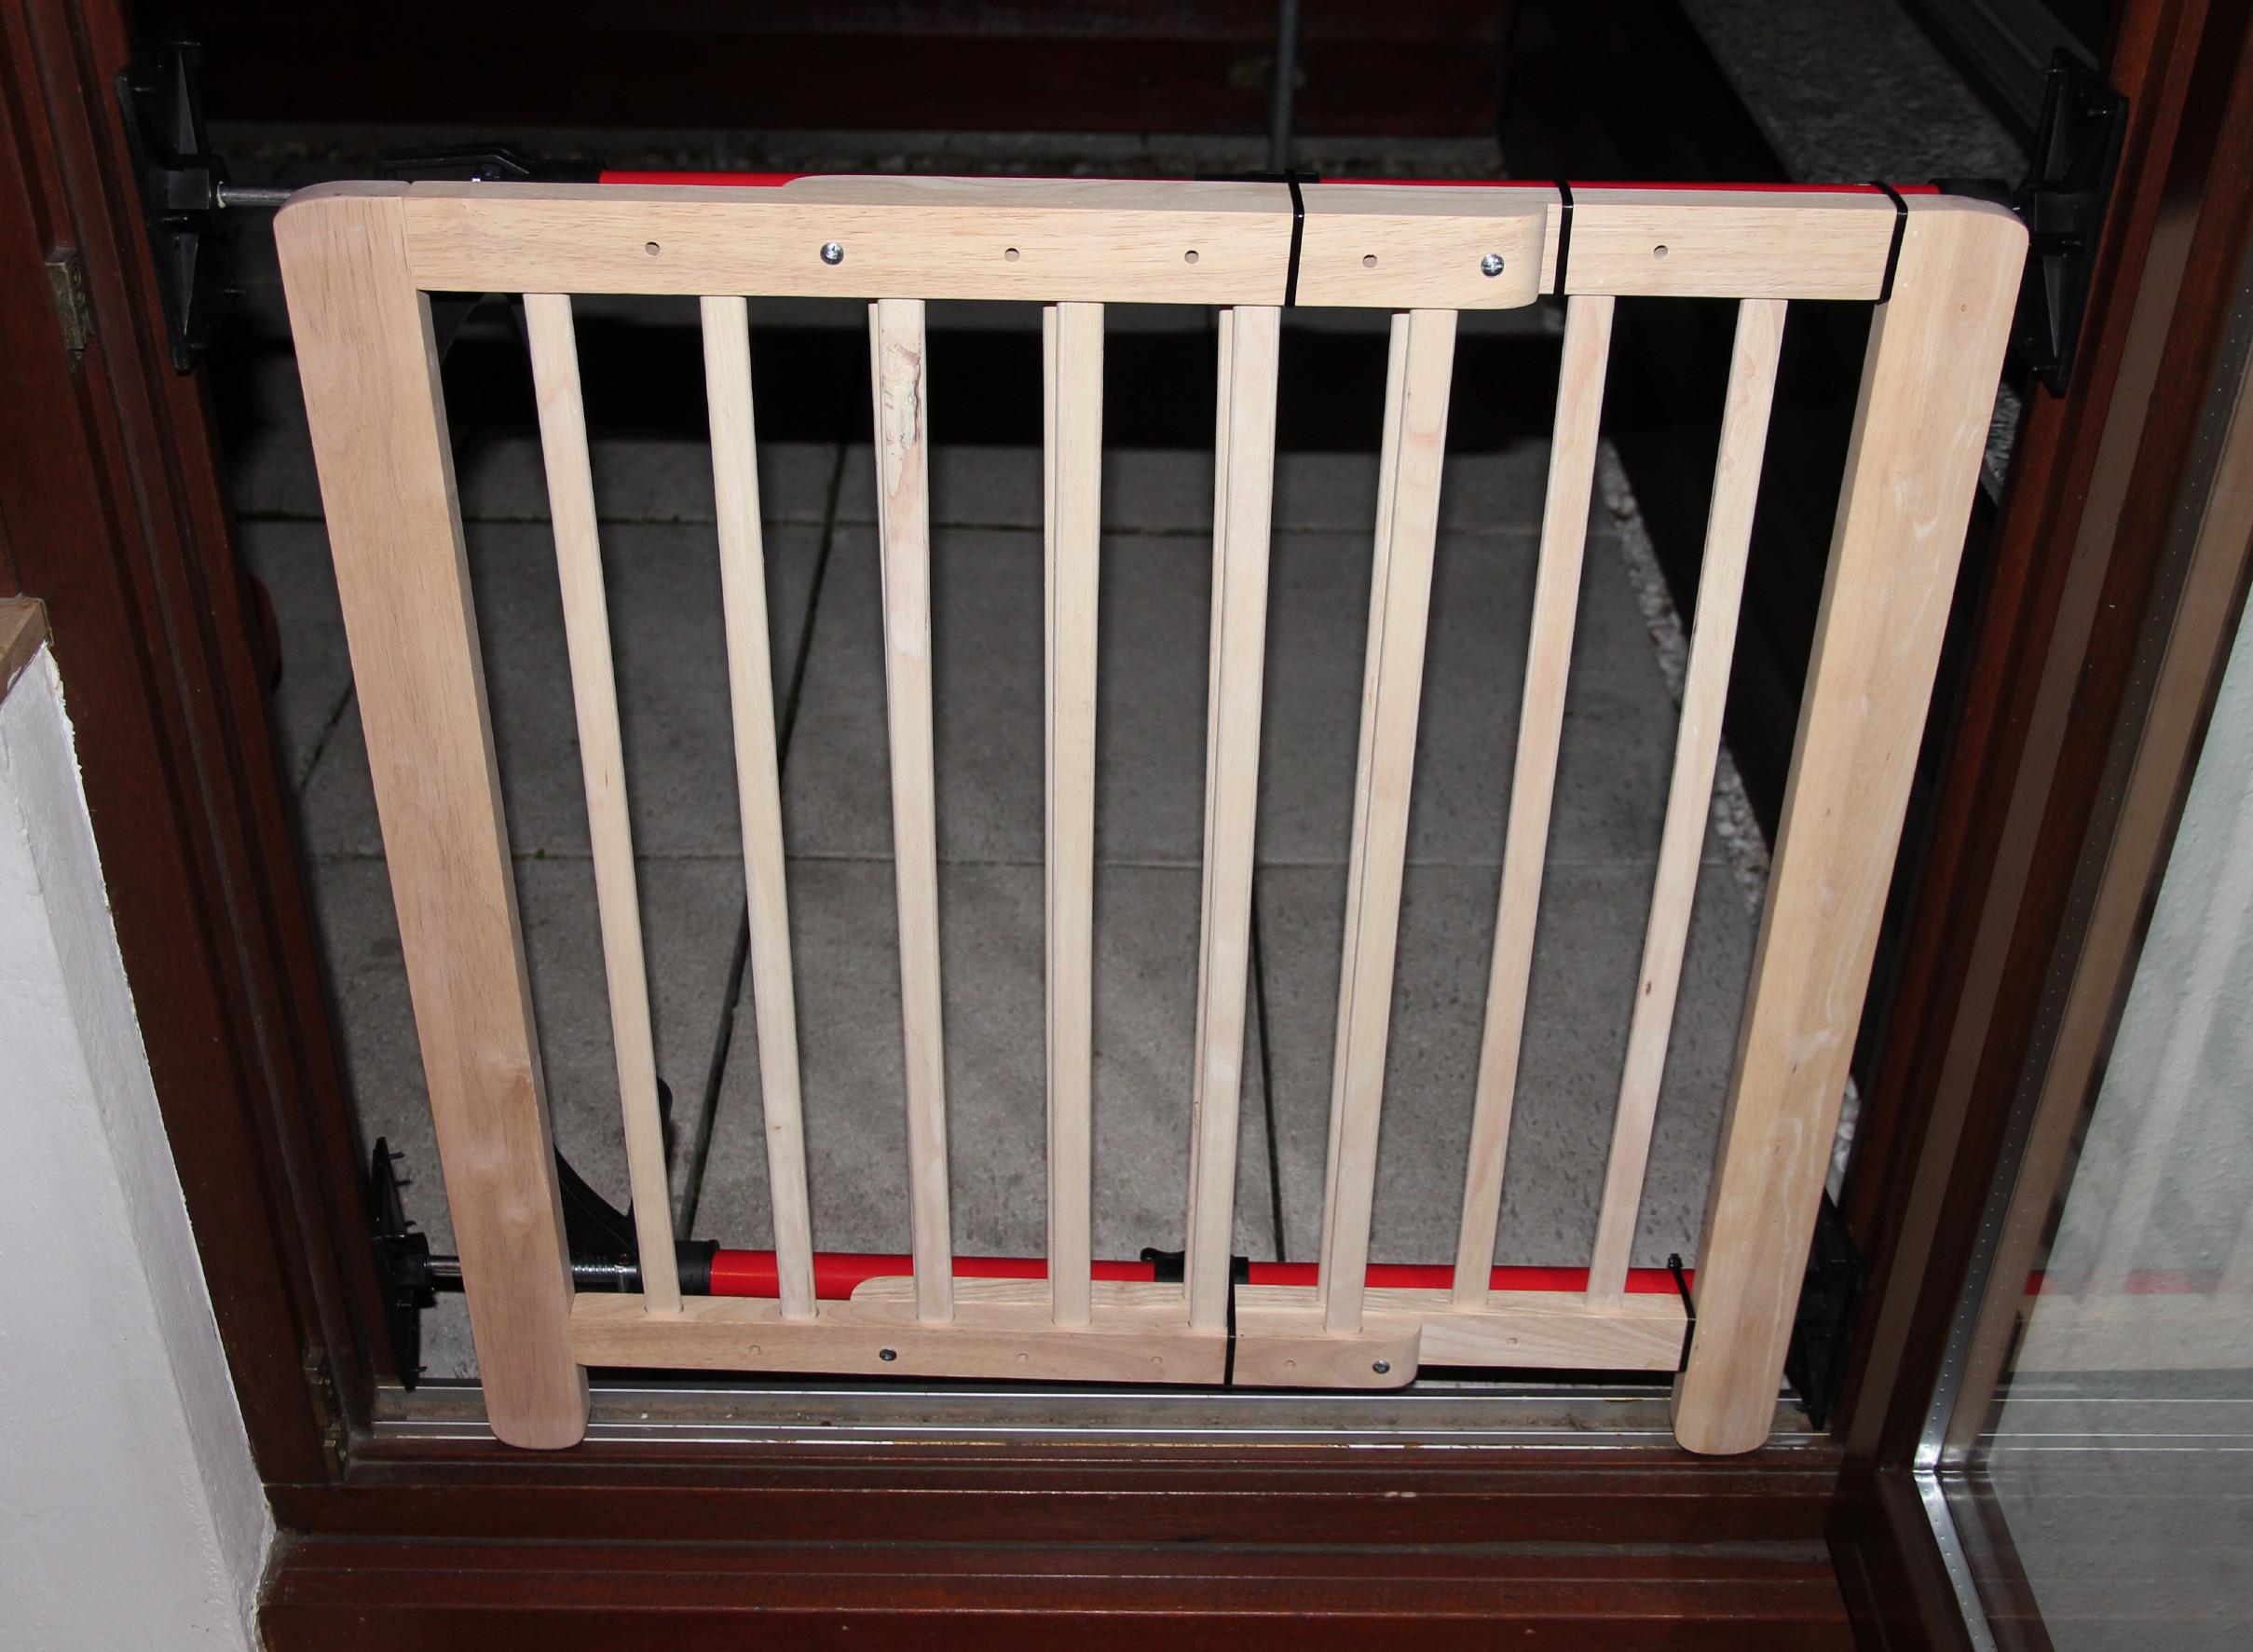 mufugi multifunktional gitter kinderschutzgitter. Black Bedroom Furniture Sets. Home Design Ideas